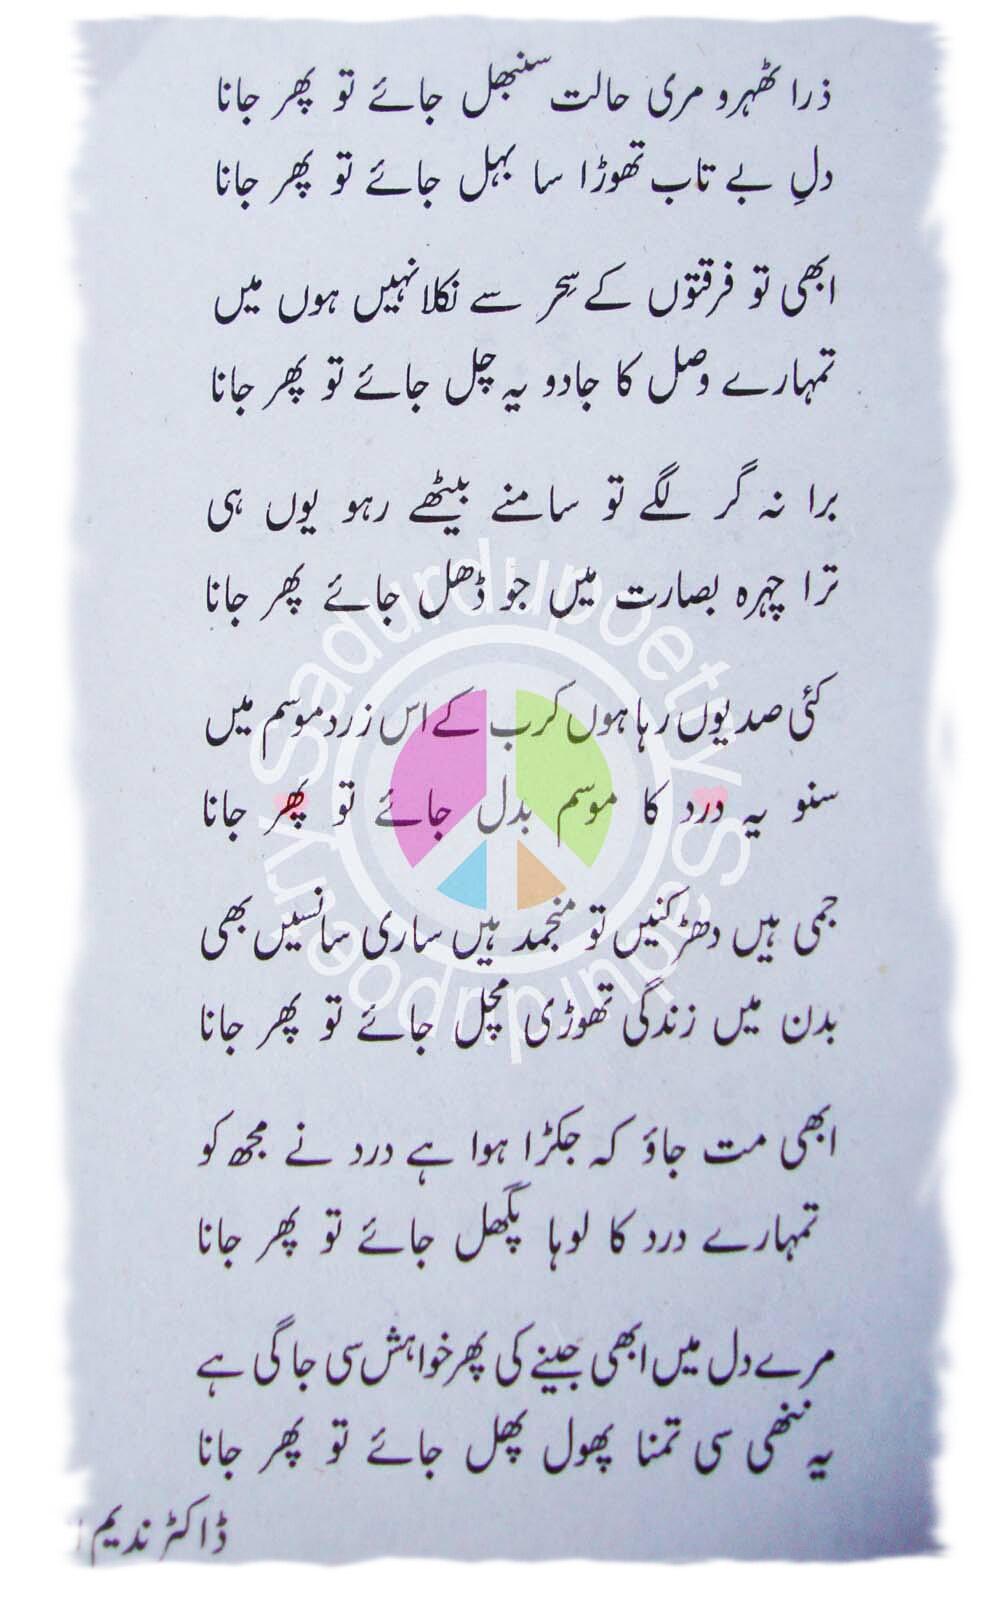 50+] All Poetry Wallpapers in Urdu on WallpaperSafari